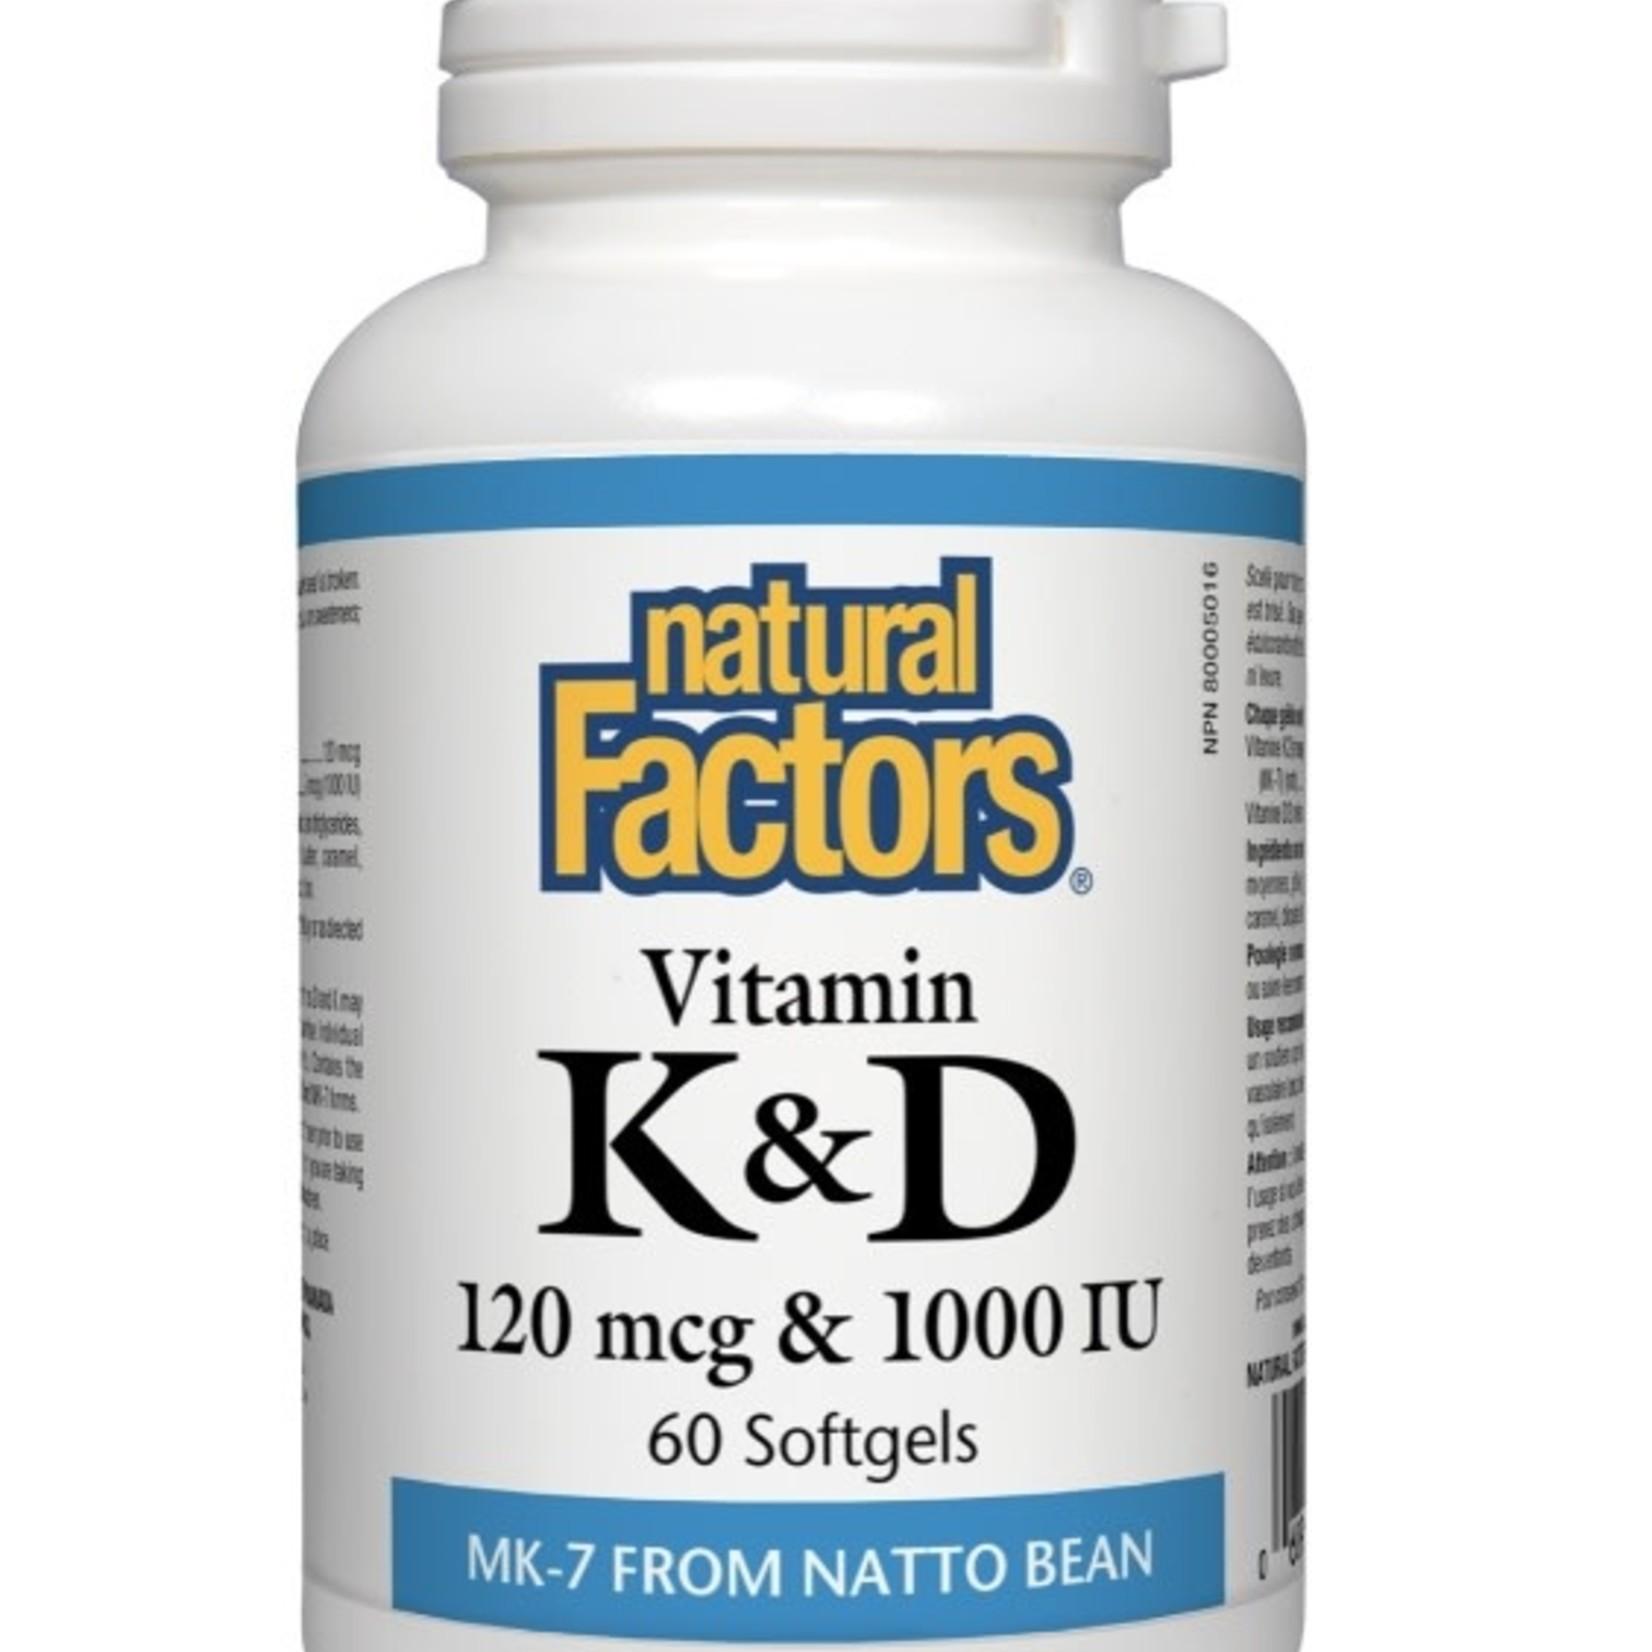 Natural Factors Natural Factors Vitamin K2 & D3 60 softgels